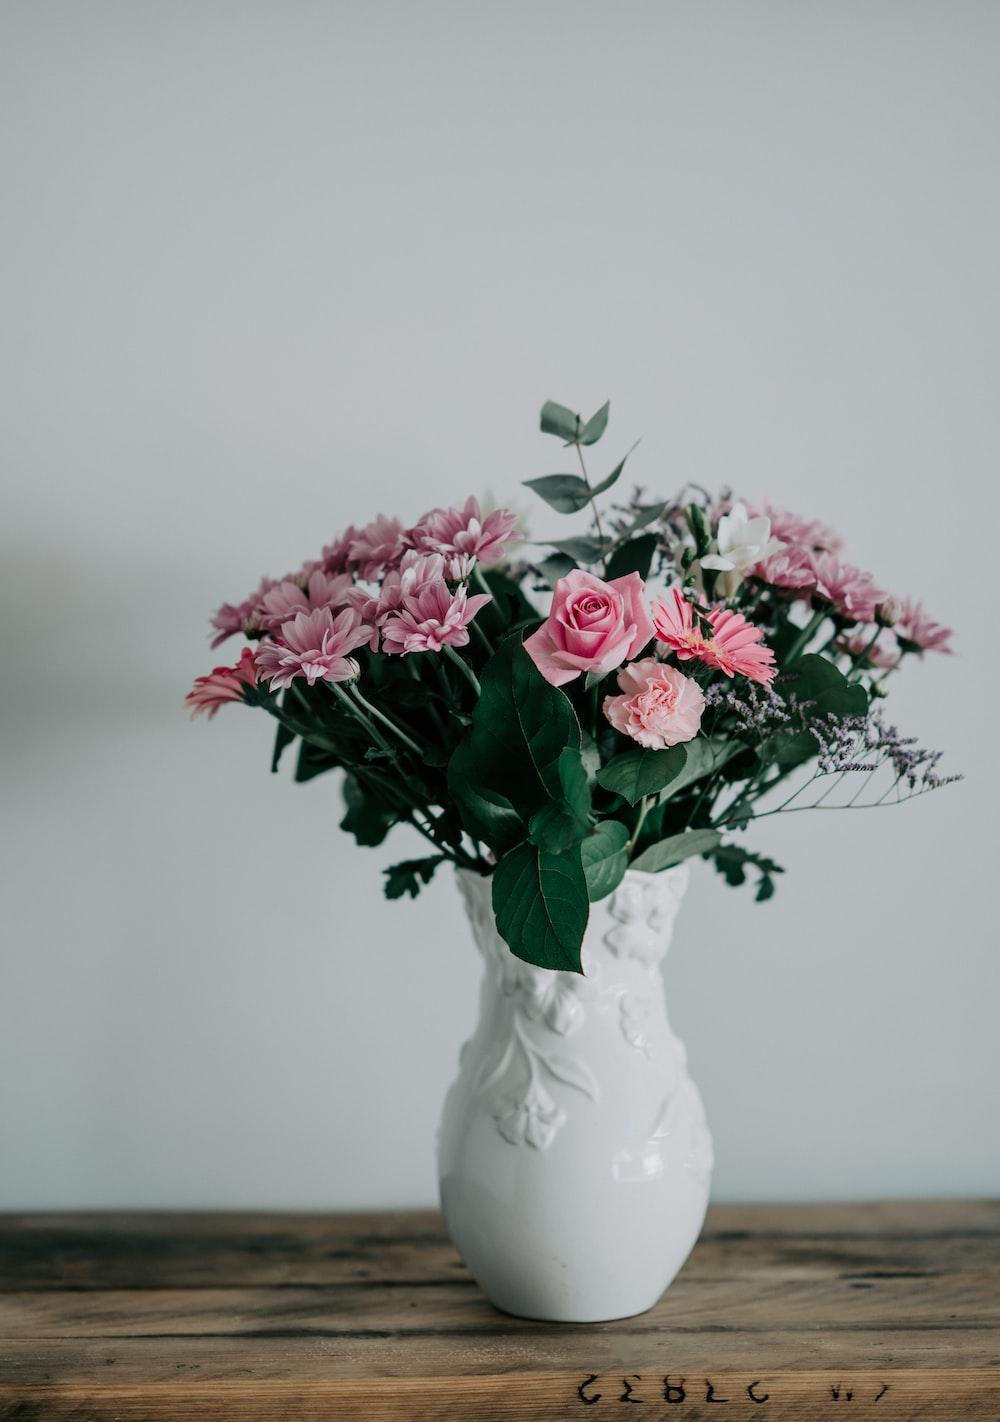 pink flower bouquet in white vase